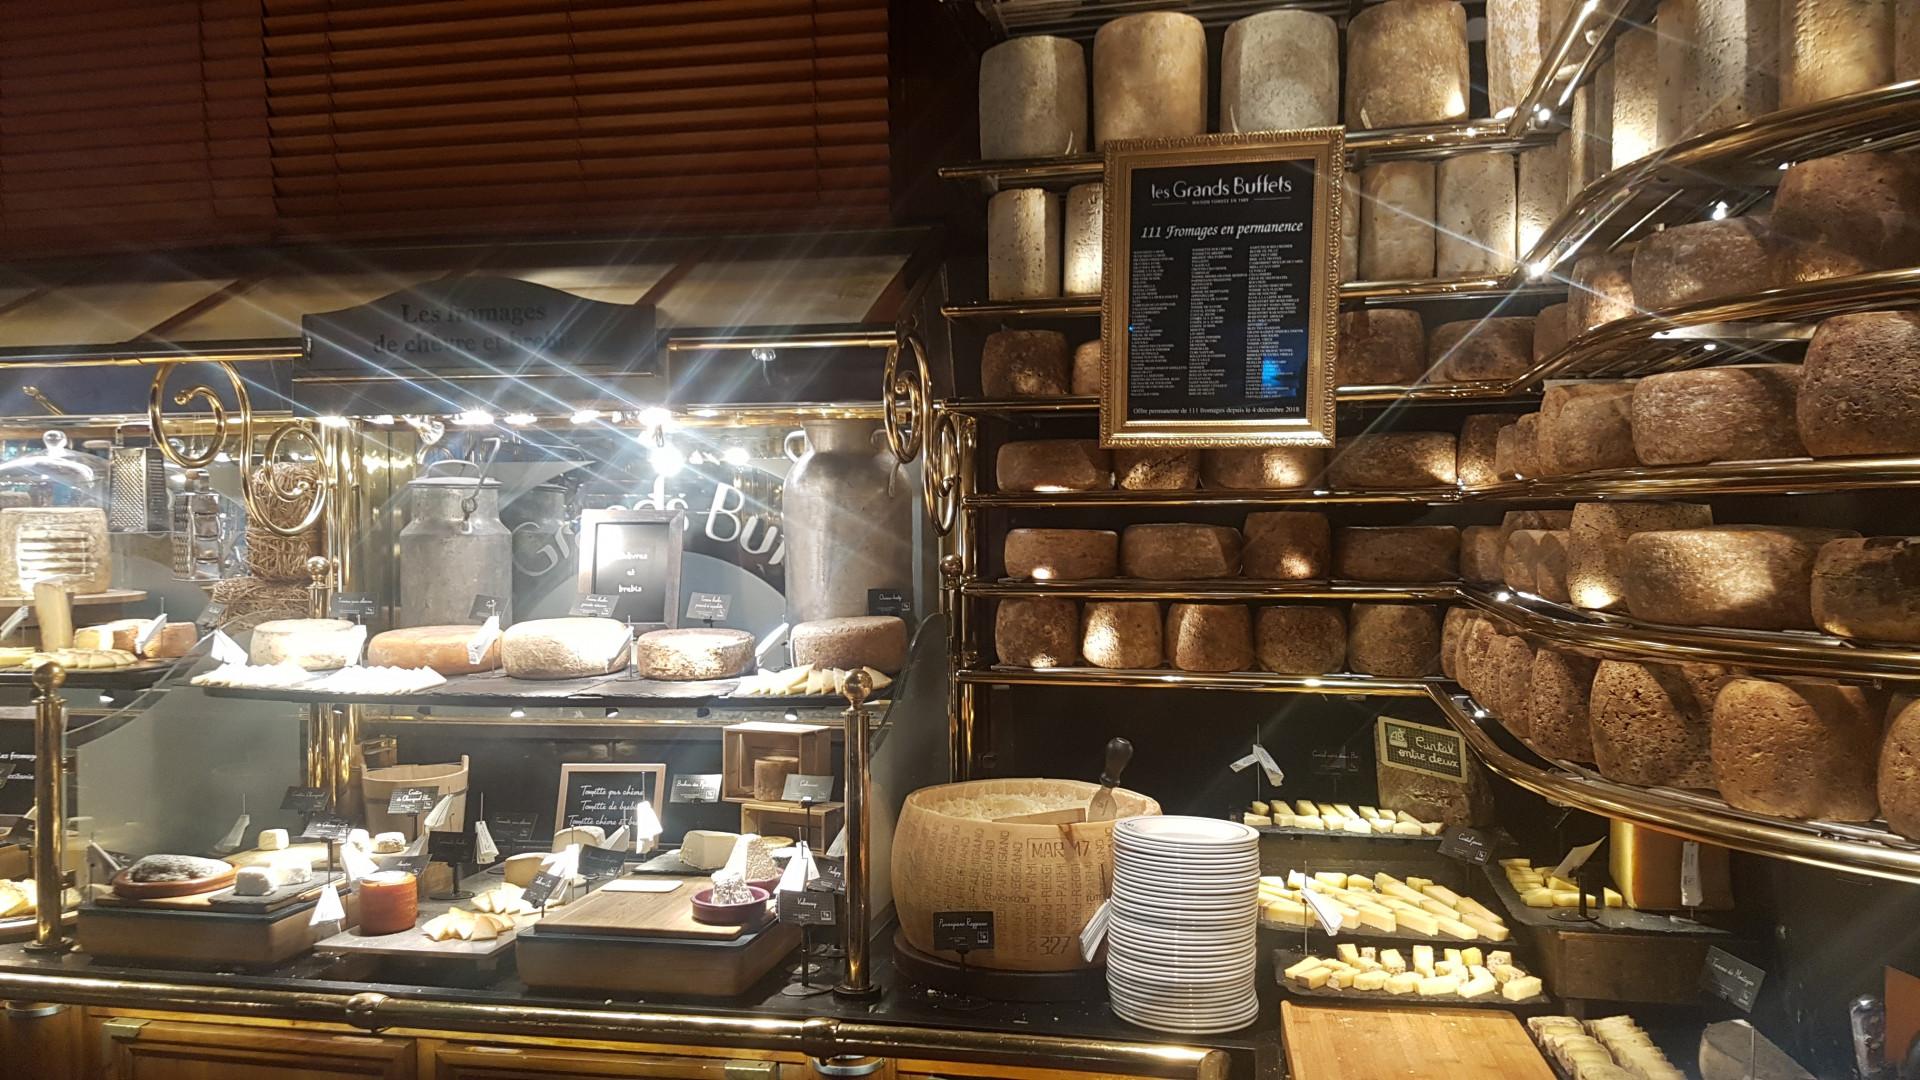 À proximité de Narbonne, le restaurant les Grands Buffets propose pas moins de 111 variétés de fromage.